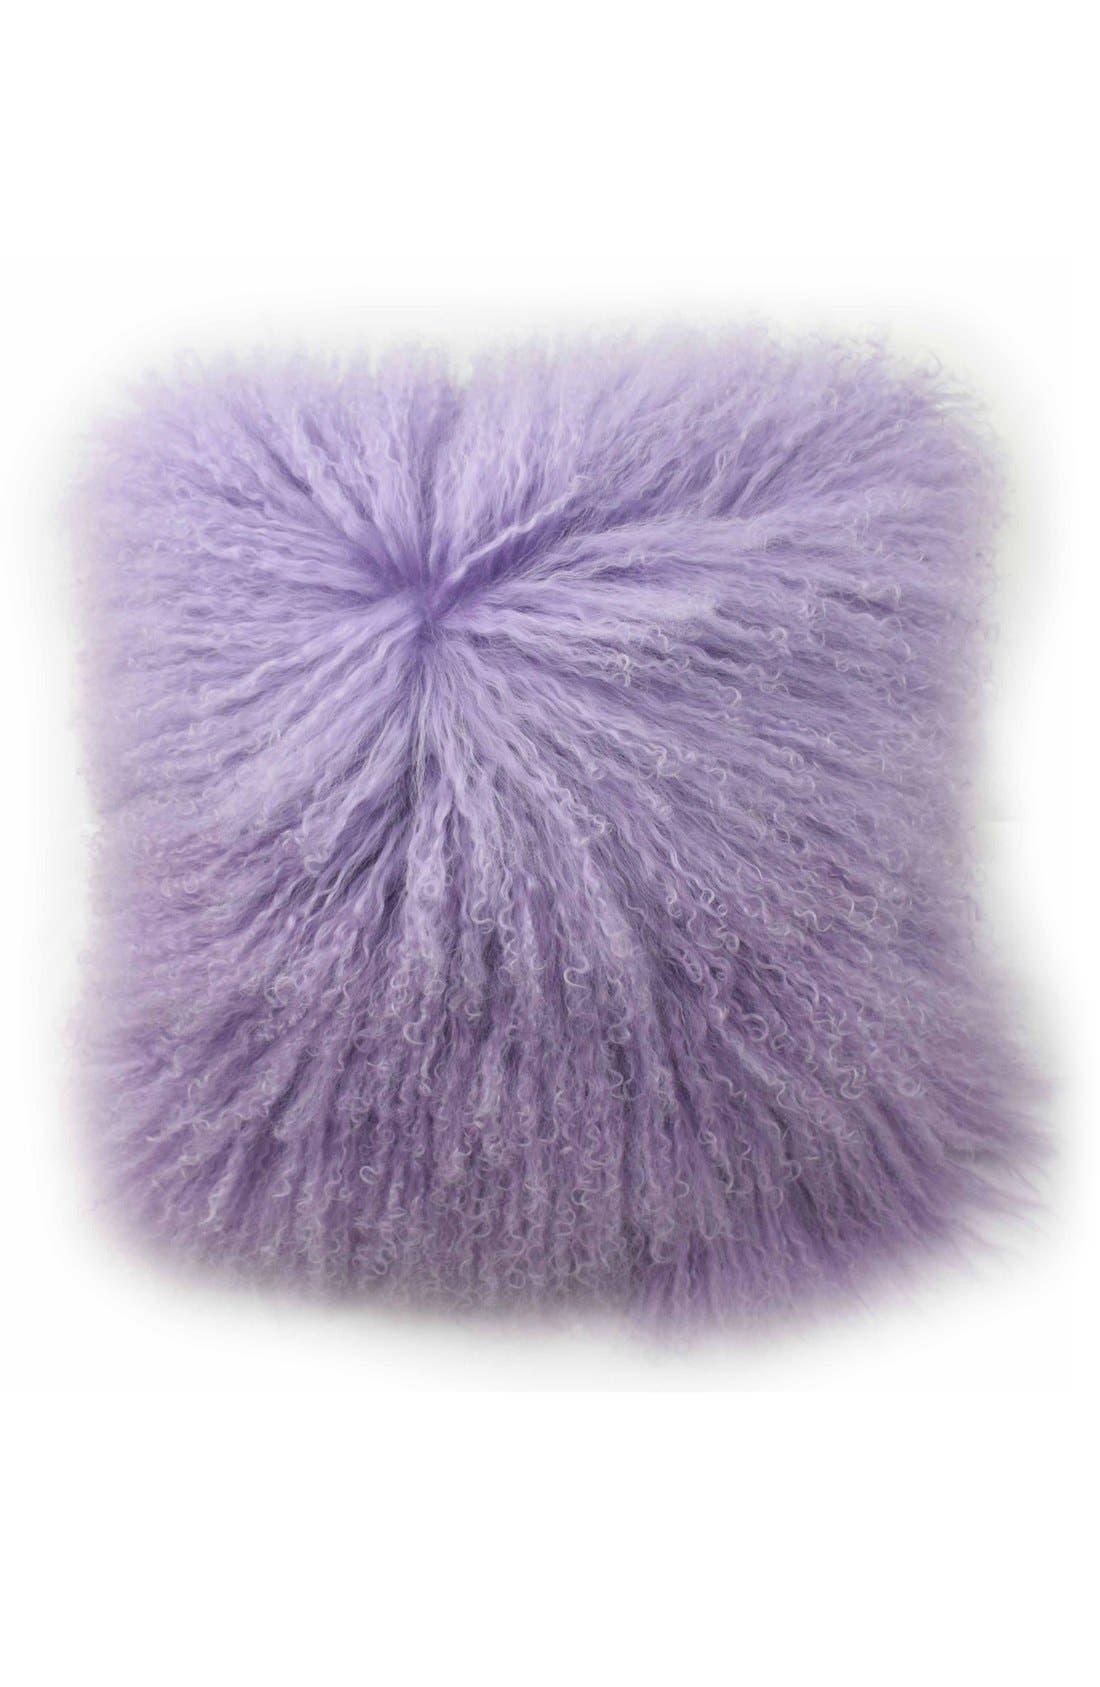 Tanzania Halima Genuine Shearling Pillow,                             Main thumbnail 1, color,                             500